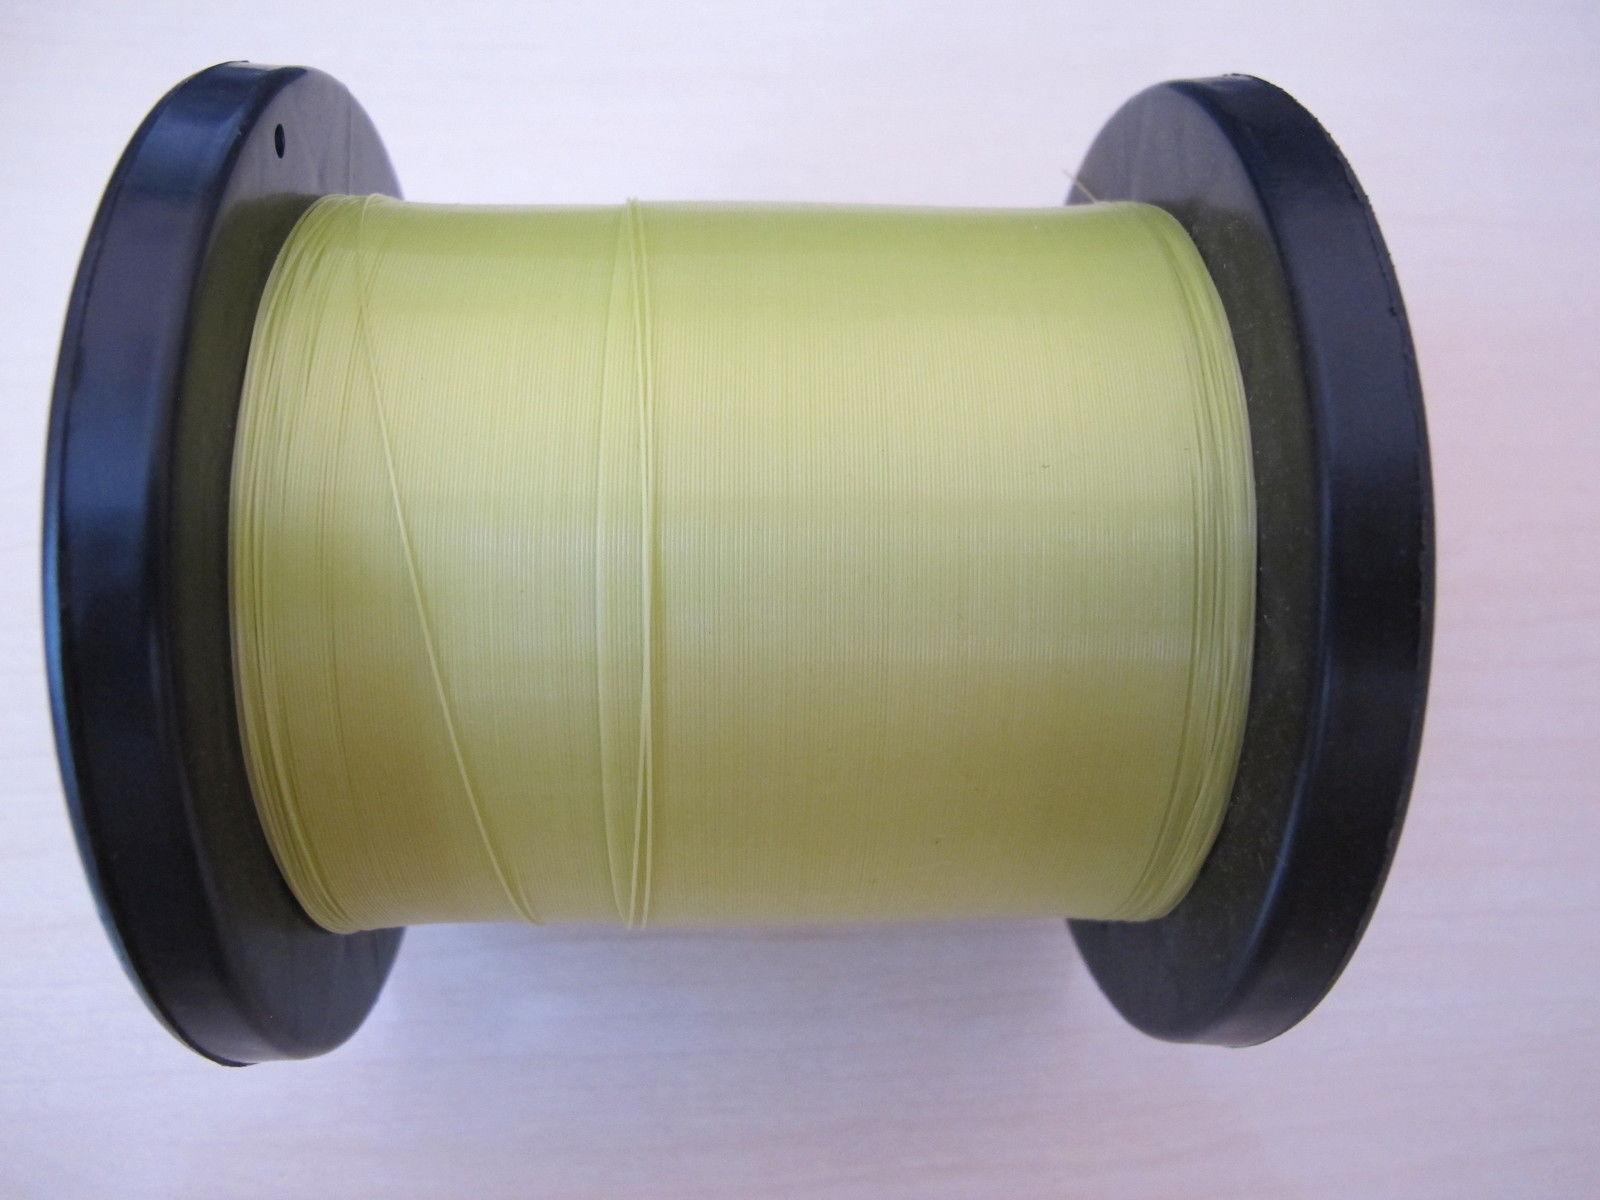 Asso Hard Skin 2 x spool Ultra Carp Fishing Line X12  Green 1000 m - 1640 m New